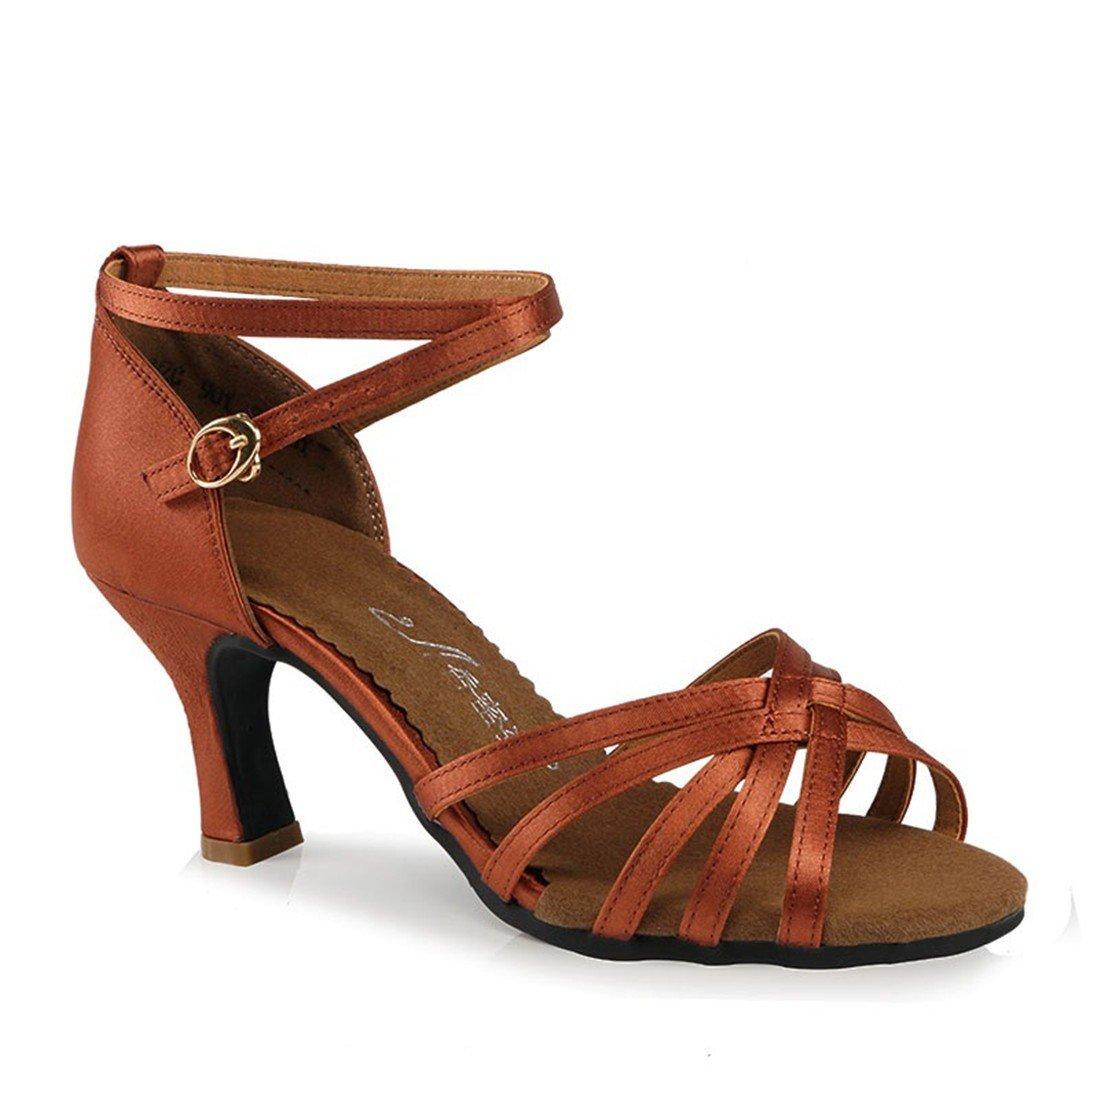 WXMDDN Chaussures de Danse Latine Chaussures de Danse de Couleur Sombre, des profils 7cm Soft Bas Chaussures de Danse Danse Débutants Pratique Outdoor Chaussures Pour Femmes